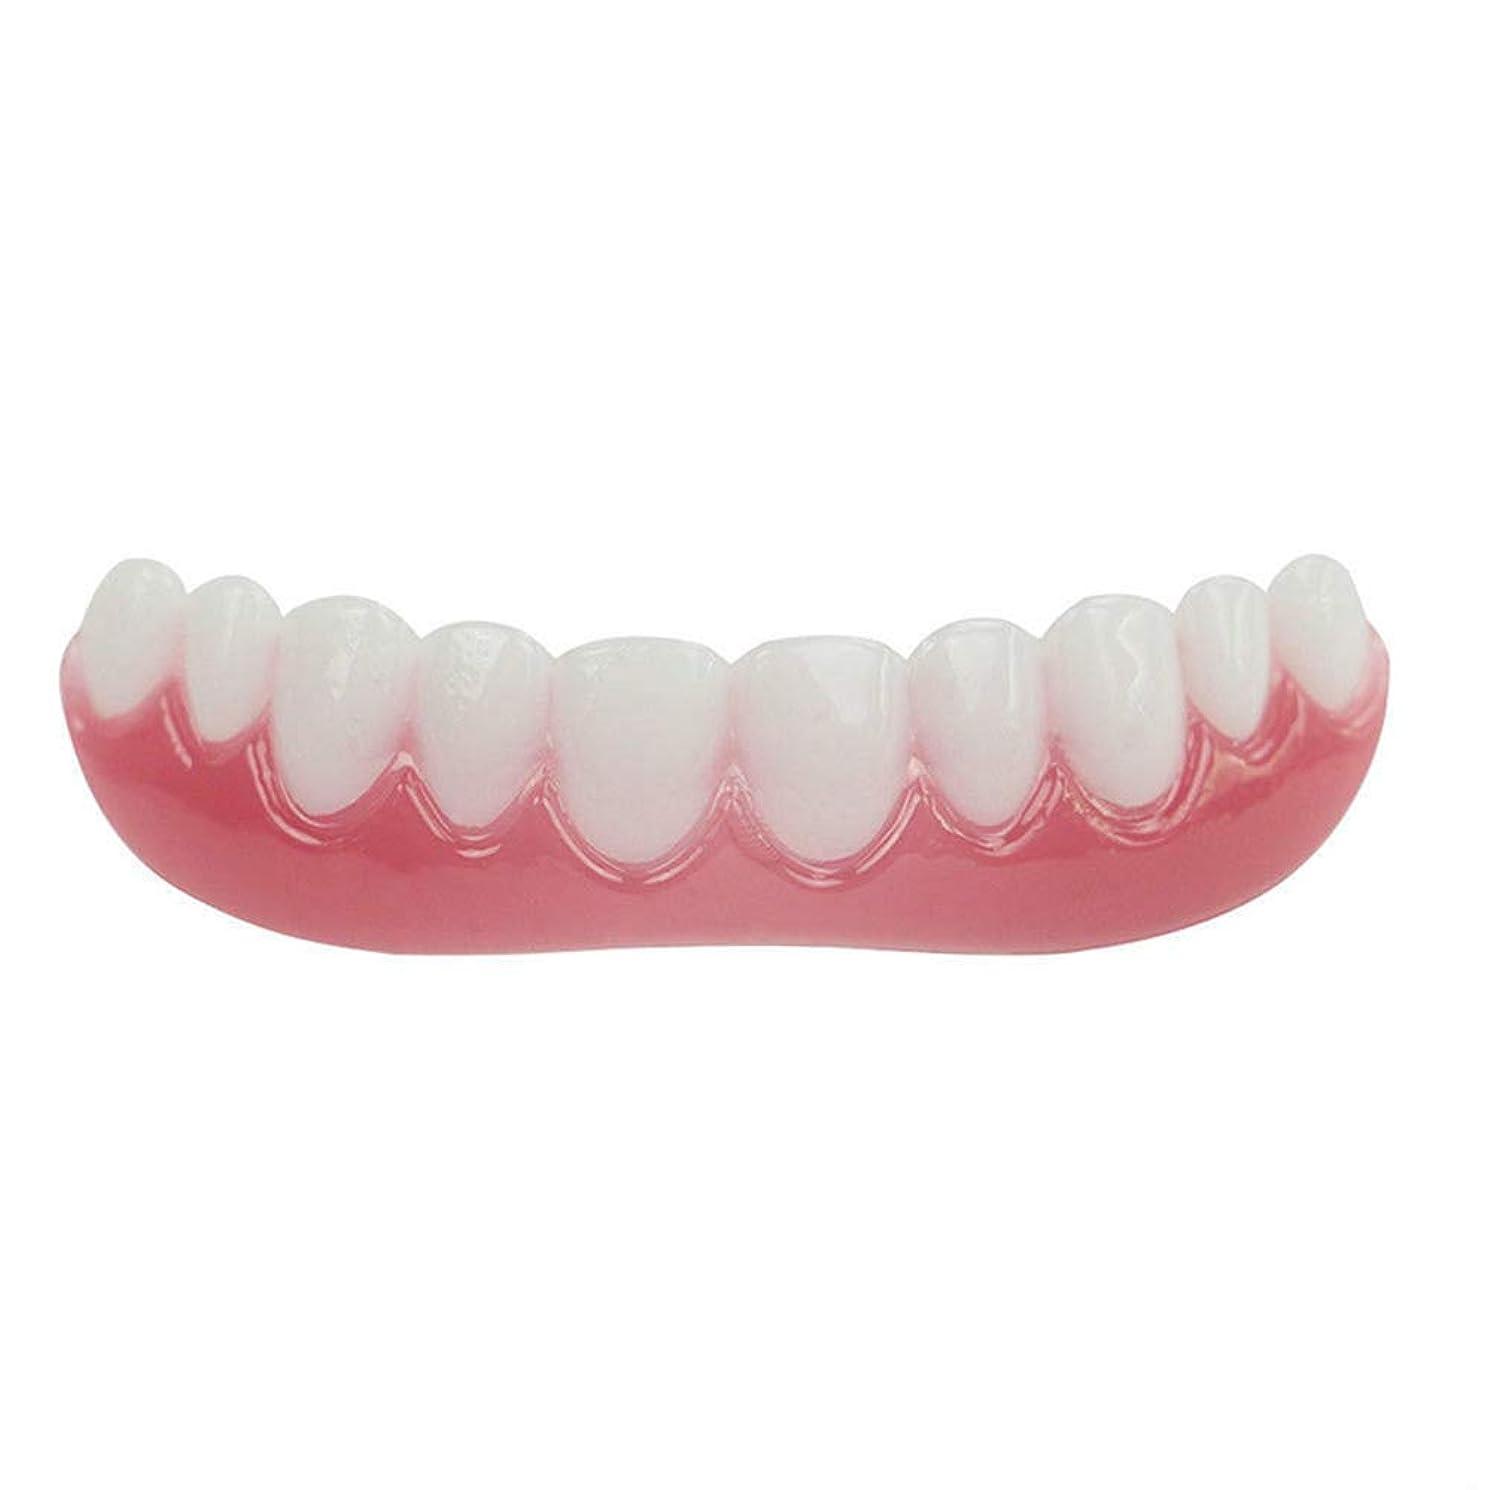 怠けた悪用発明するシリコンシミュレーション義歯、歯科用ベニヤホワイトトゥースセット(1個),Boxed,Lower